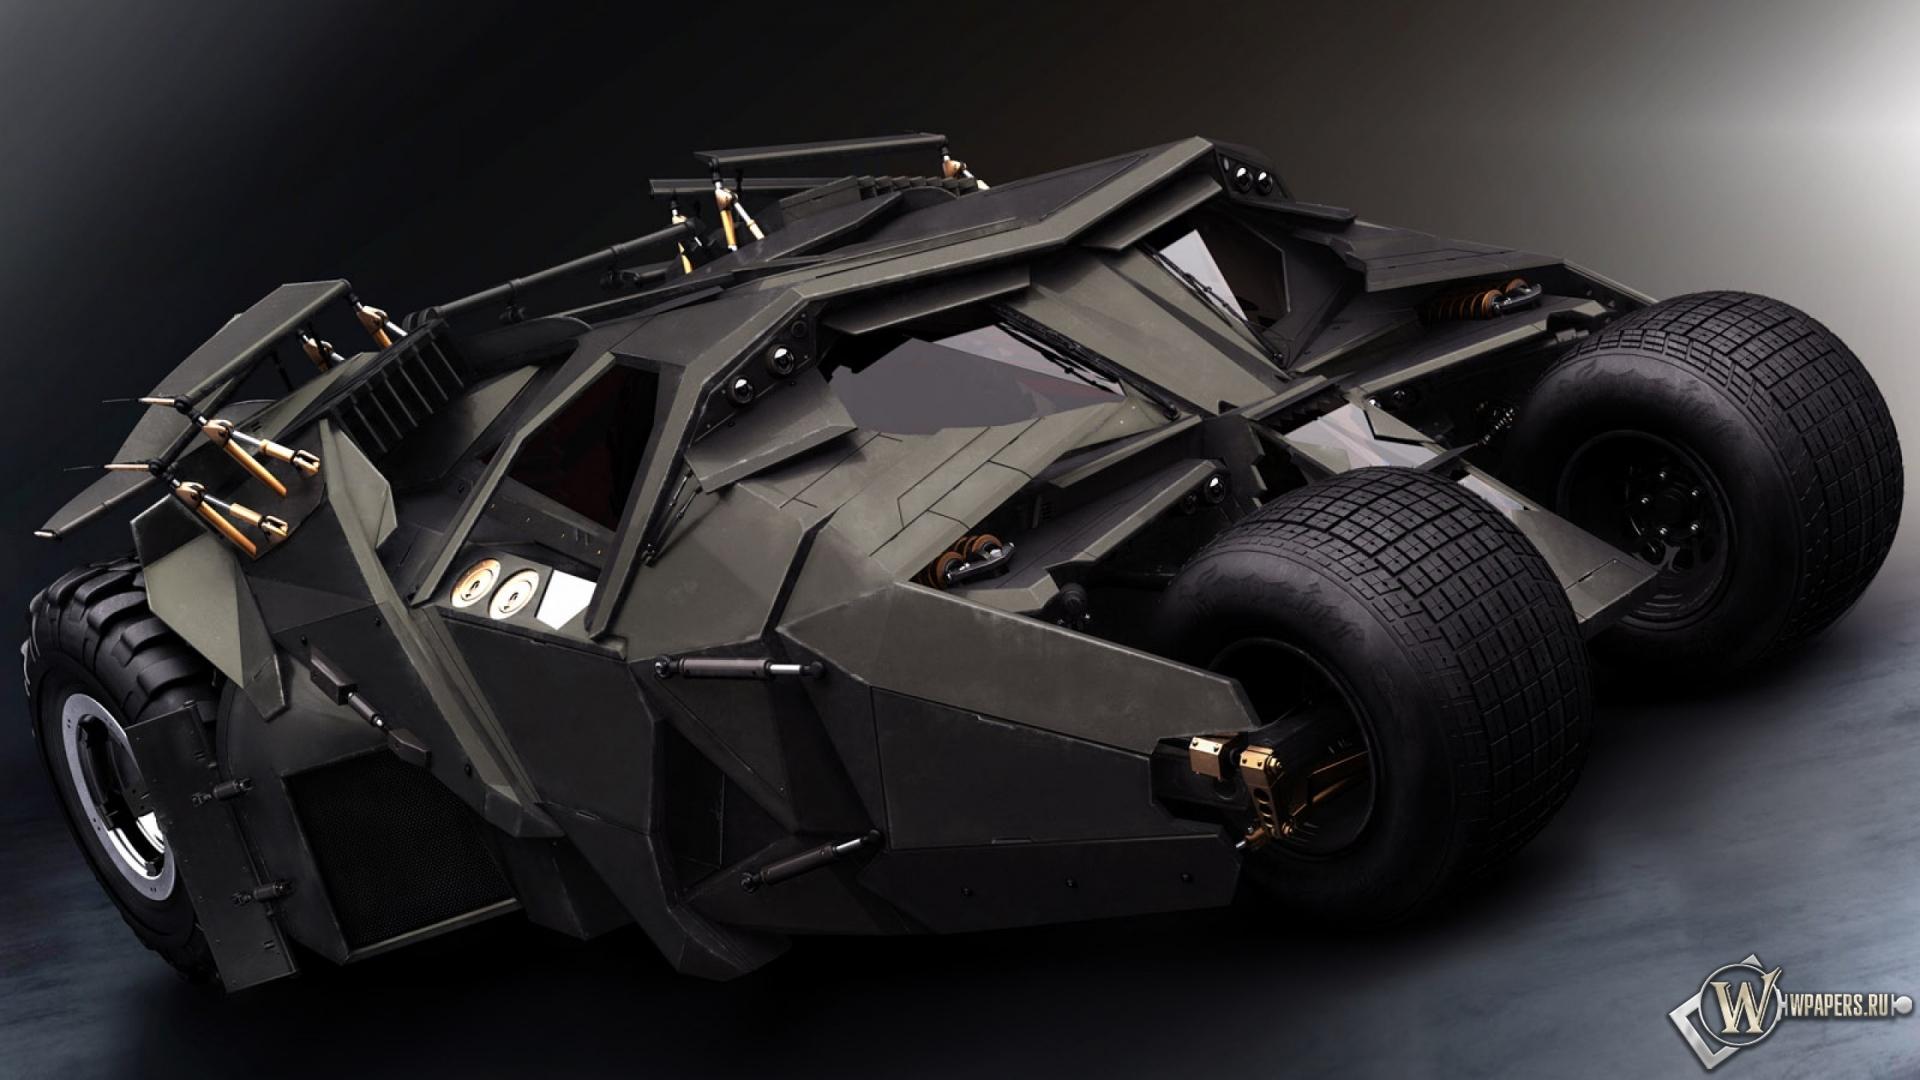 Обои бэтмобиль авто бэтмен 1920x1080